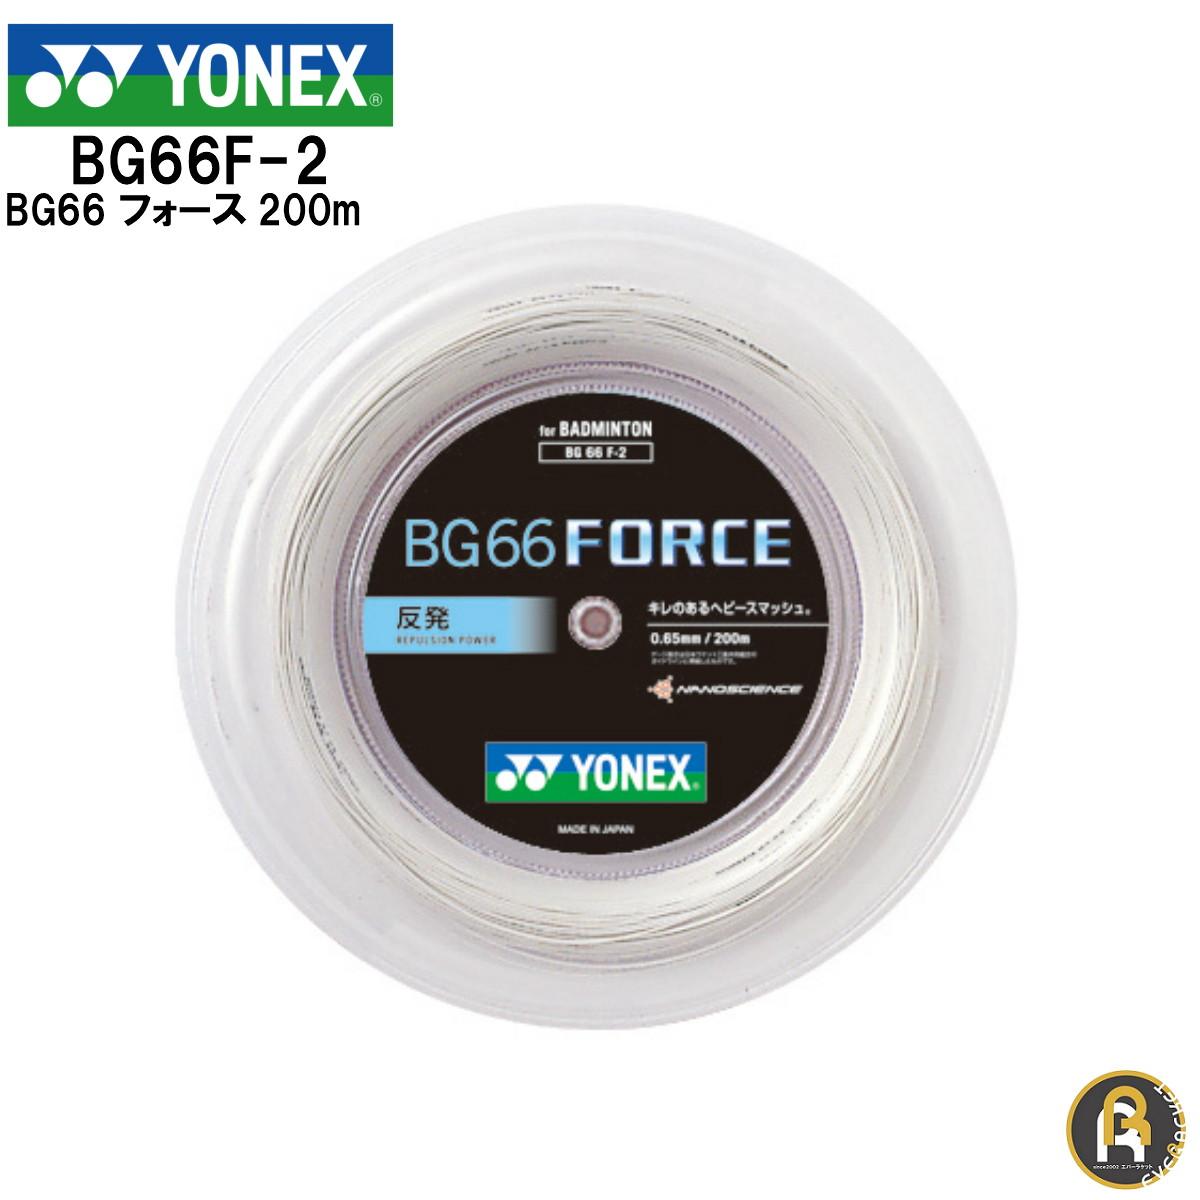 【激安ガット】YONEX ヨネックス バドミントン バドミントンストリング ガット BG66フォース200m BG66F-2